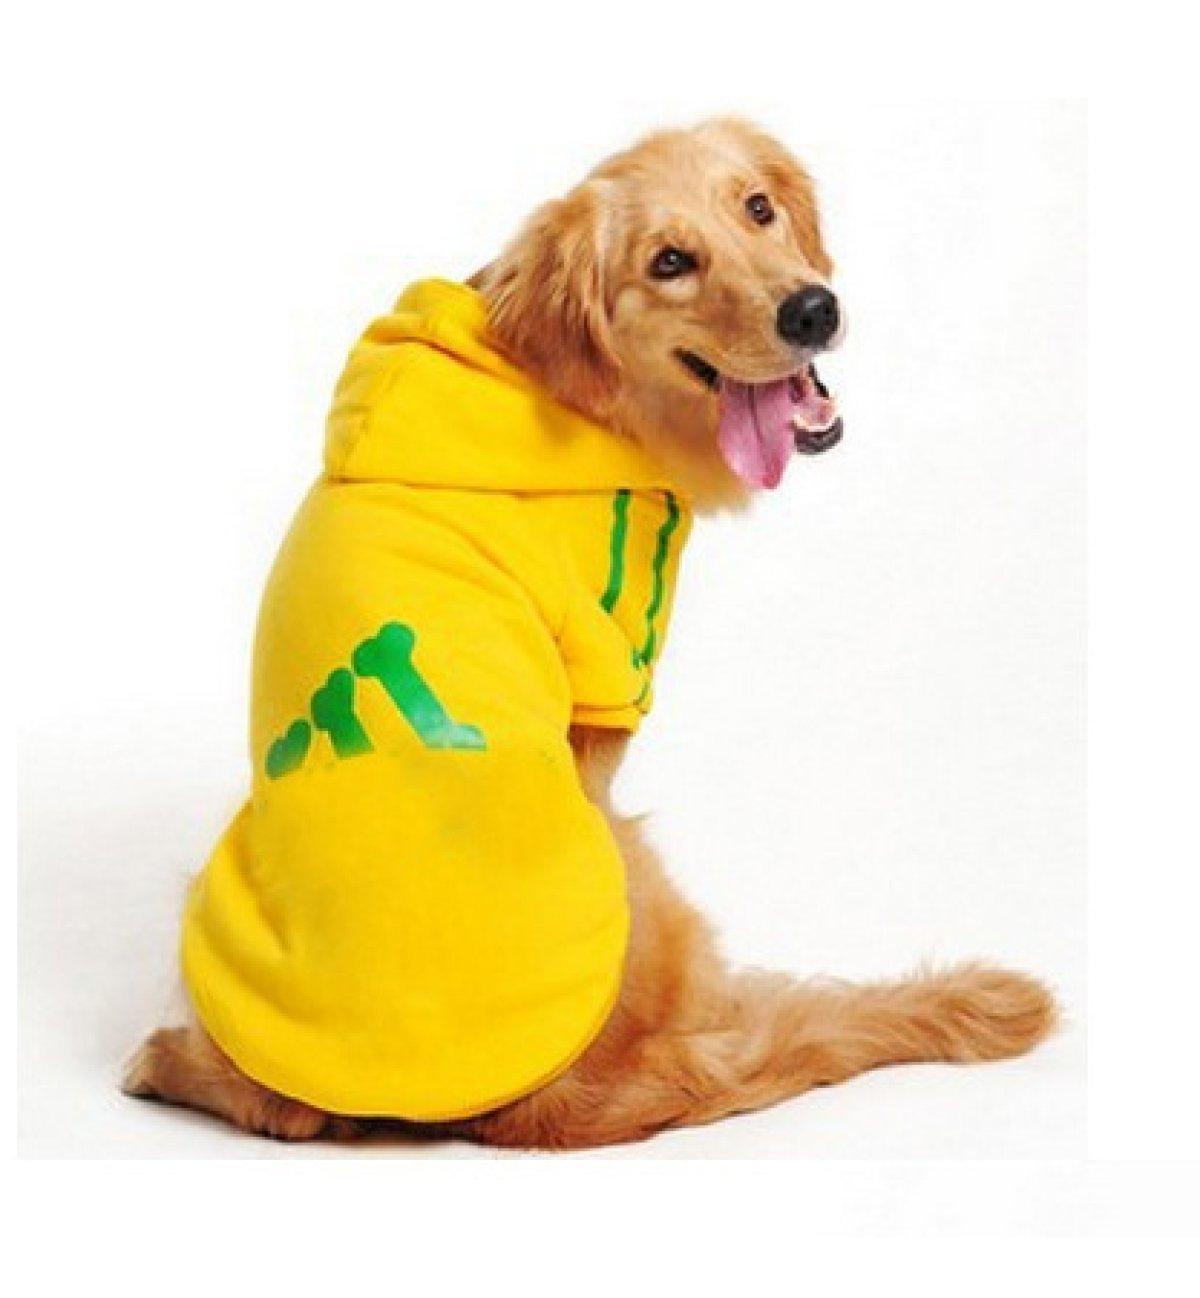 DUOZE Modelos De Invierno Perro Grande Piernas Suéter Ropa para Perros Ropa De Algodón Acolchado Ropa para Mascotas,Grey-XXXL: Amazon.es: Hogar